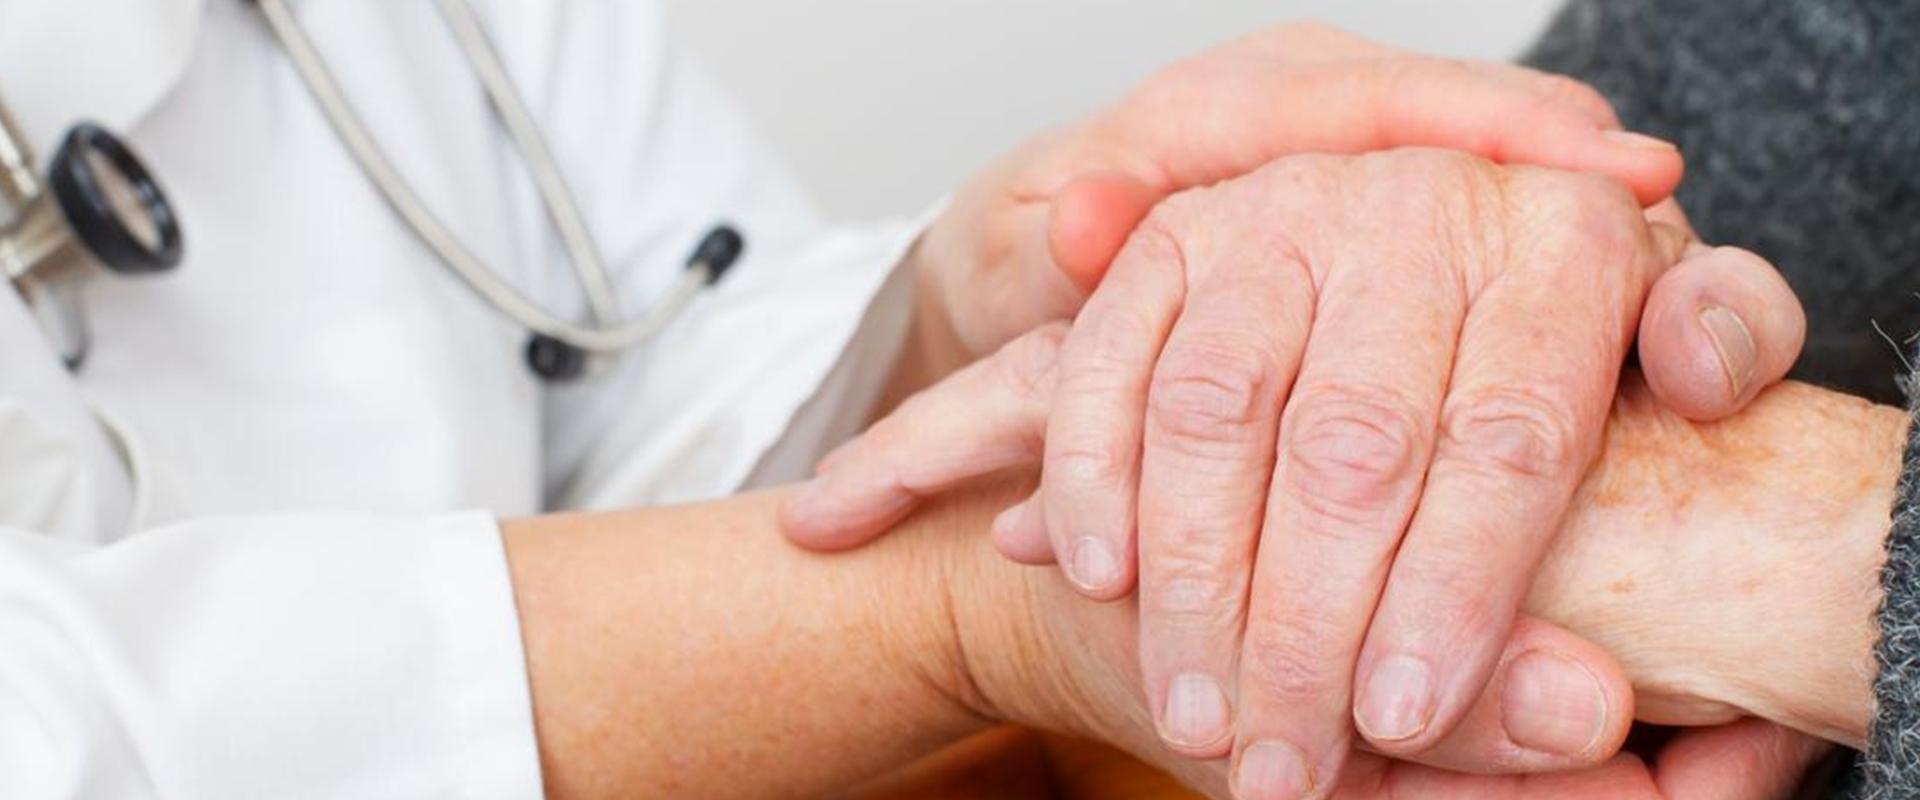 Rassicurare e sostenere il paziente, anche dopo una cura!